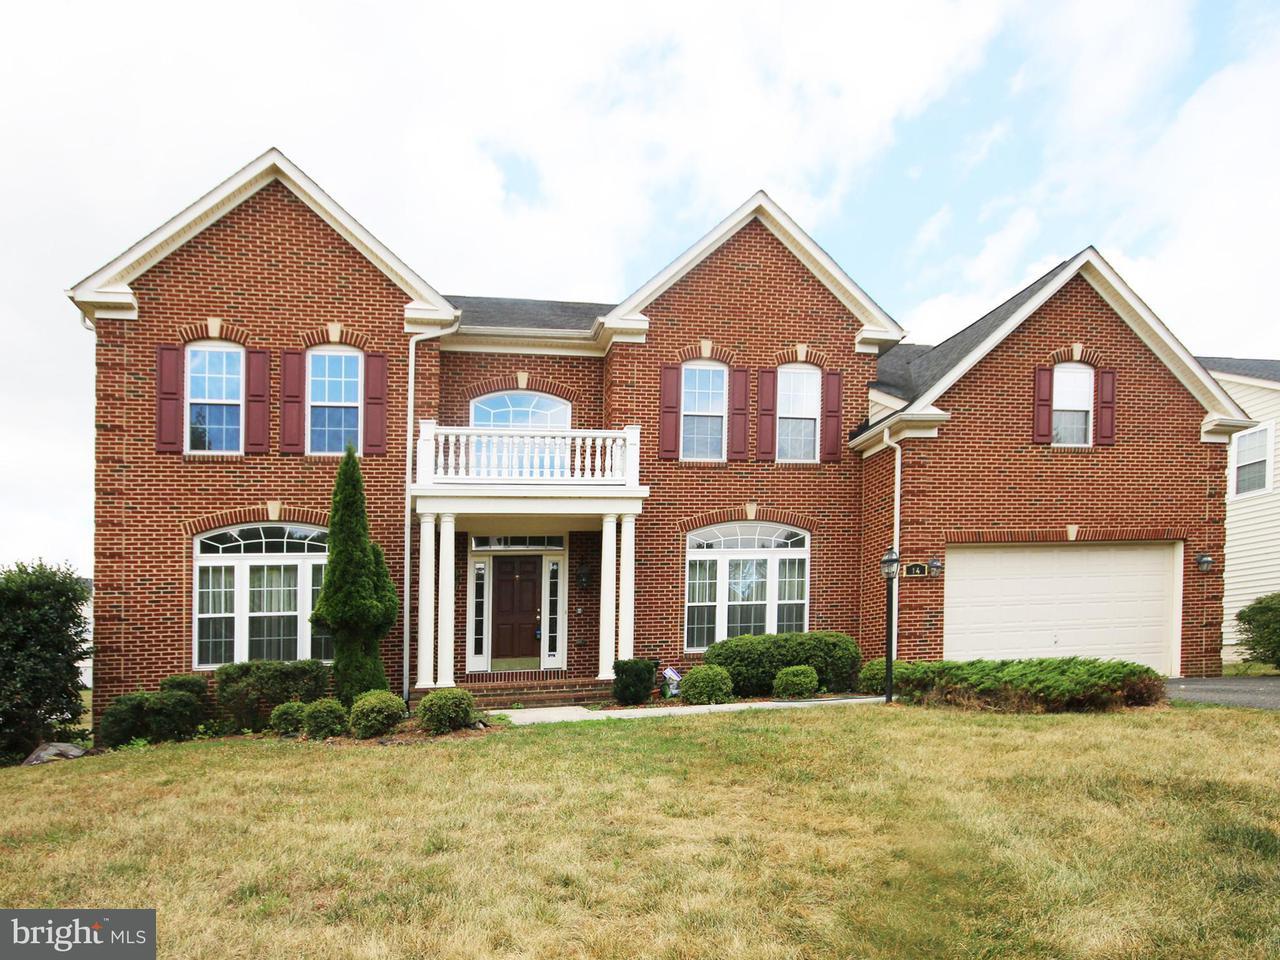 Maison unifamiliale pour l Vente à 14 FARMINGTON RD W 14 FARMINGTON RD W Accokeek, Maryland 20607 États-Unis